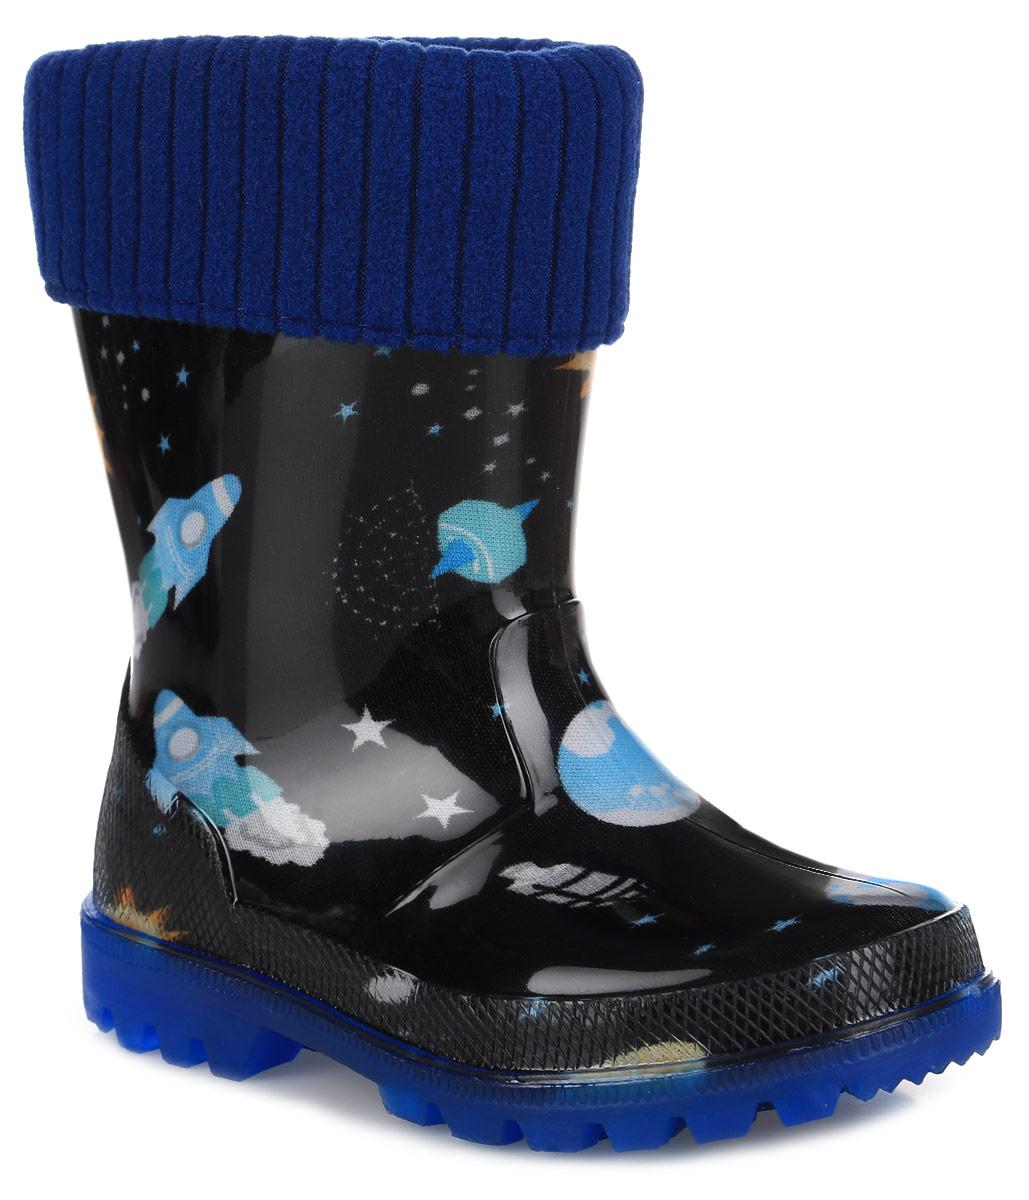 Резиновые сапоги для мальчика. 698698Прелестные резиновые сапоги от Kapika превосходно защитят ноги вашего мальчика от промокания в дождливый день. Сапоги выполнены из качественного ПВХ и оформлены оригинальным принтом. Сапоги дополнены съемной утепленной текстильной подкладкой, которая обеспечивает полный уют и комфорт при носке. Рифление подошвы гарантирует отличное сцепление с любой поверхностью. При движении подошва начинает светиться, благодаря чему вы всегда будете видеть вашего ребенка. Такие резиновые сапоги займут достойное место в гардеробе вашего ребенка и будут радовать не только вас, но и окружающих.